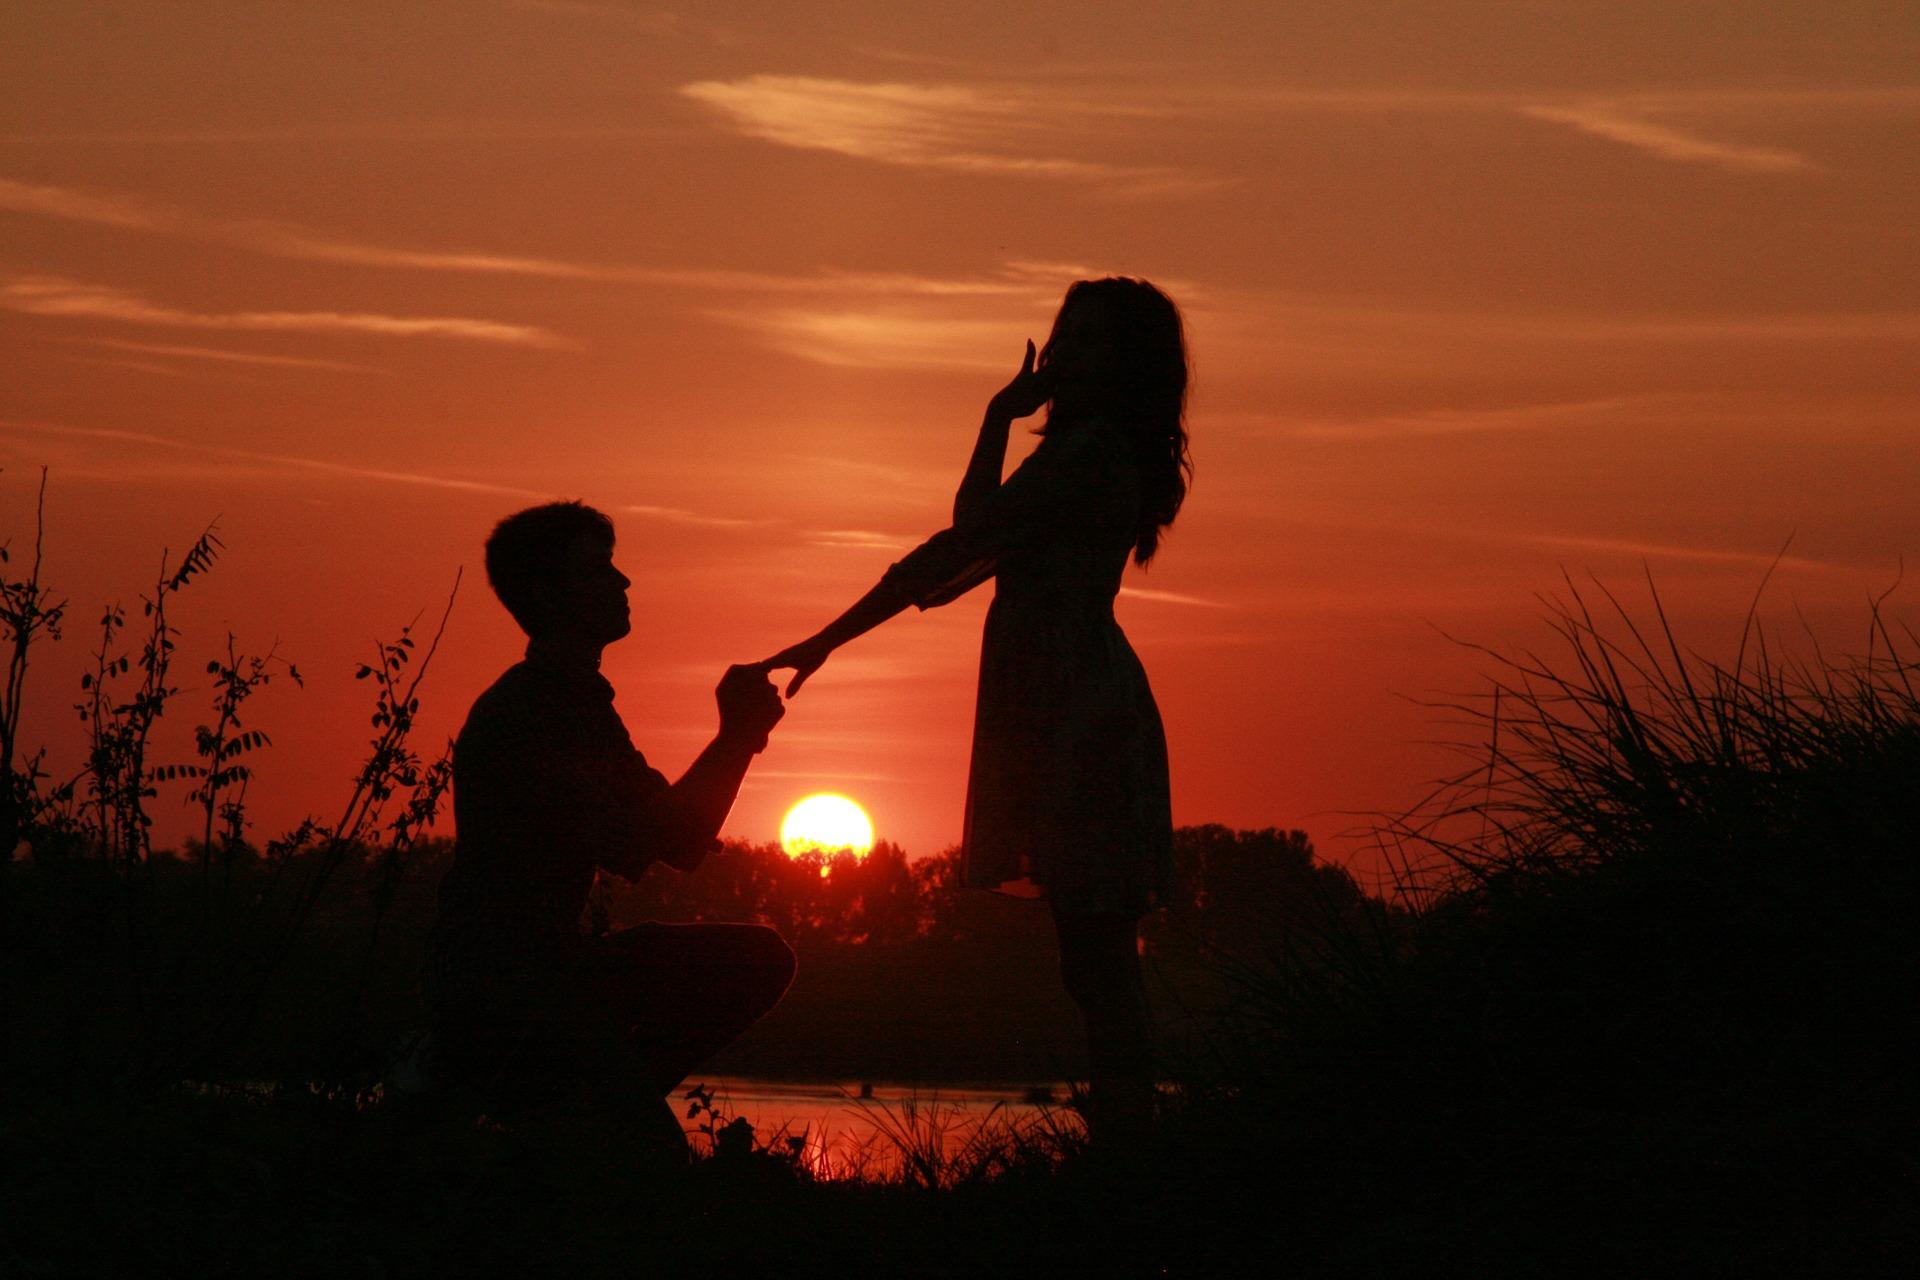 プロポーズは指のサイズがわからなくてもできる!最新の婚約指輪やプロポーズ方法